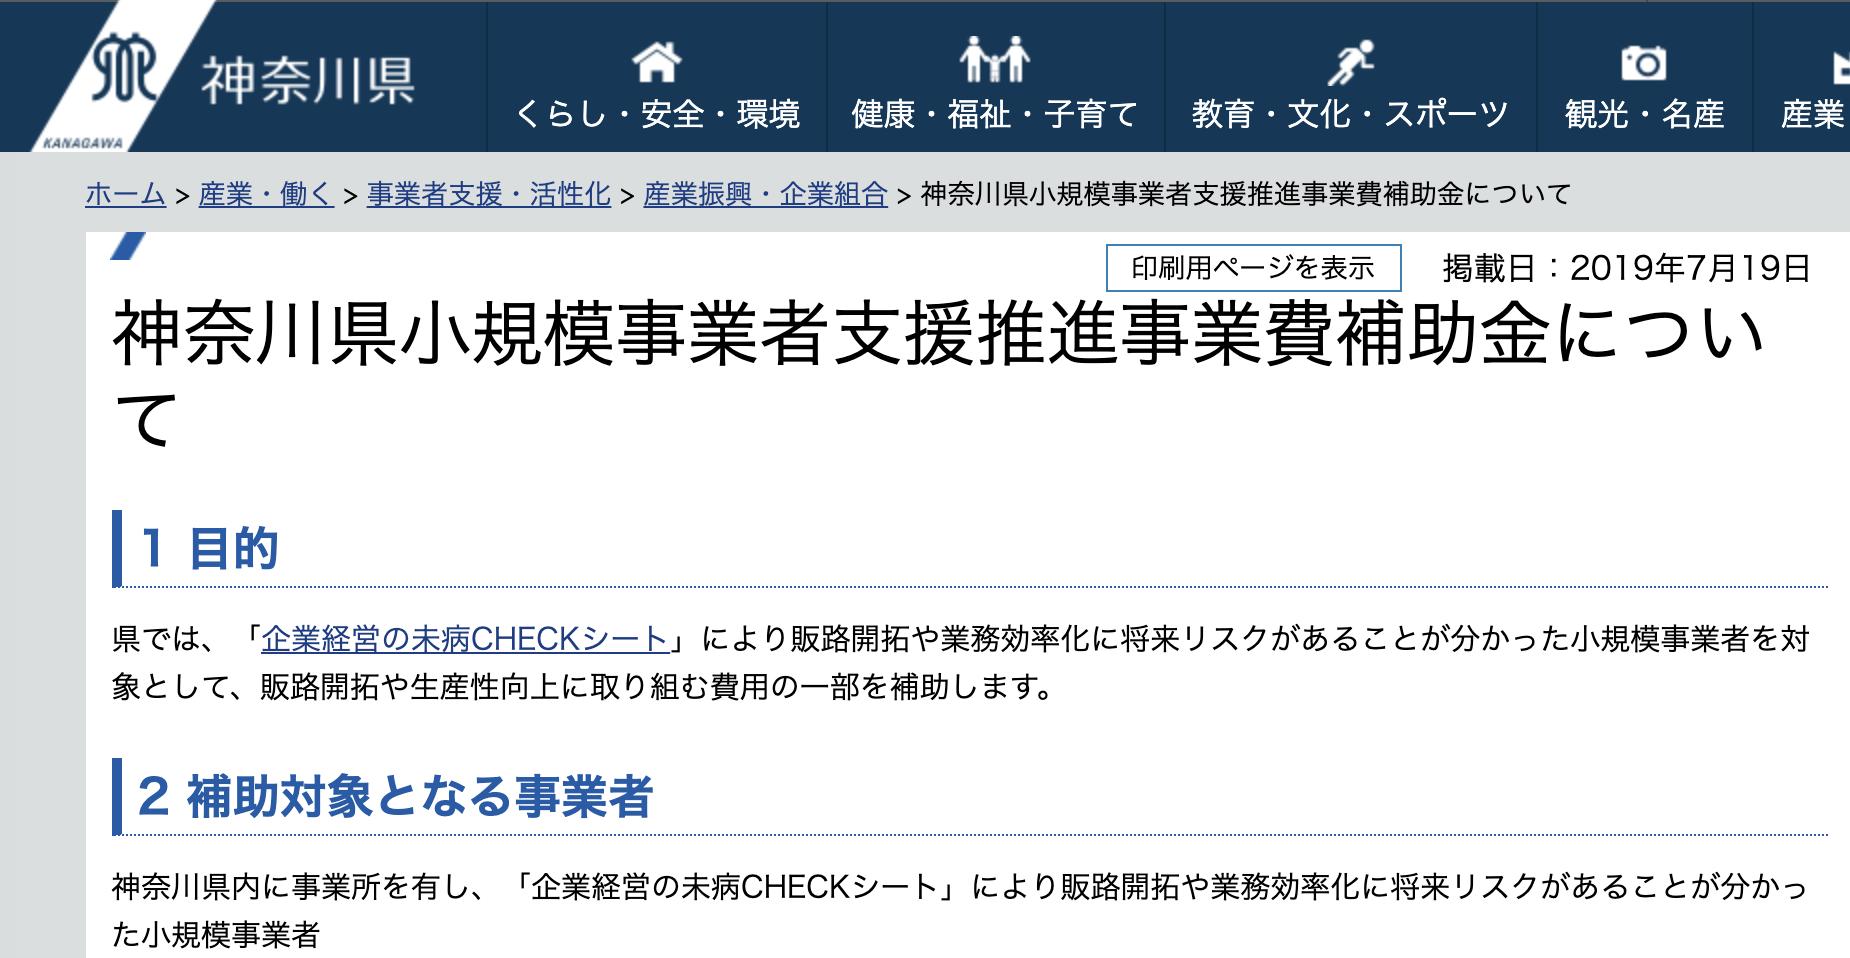 神奈川県小規模事業者持続化補助金2019